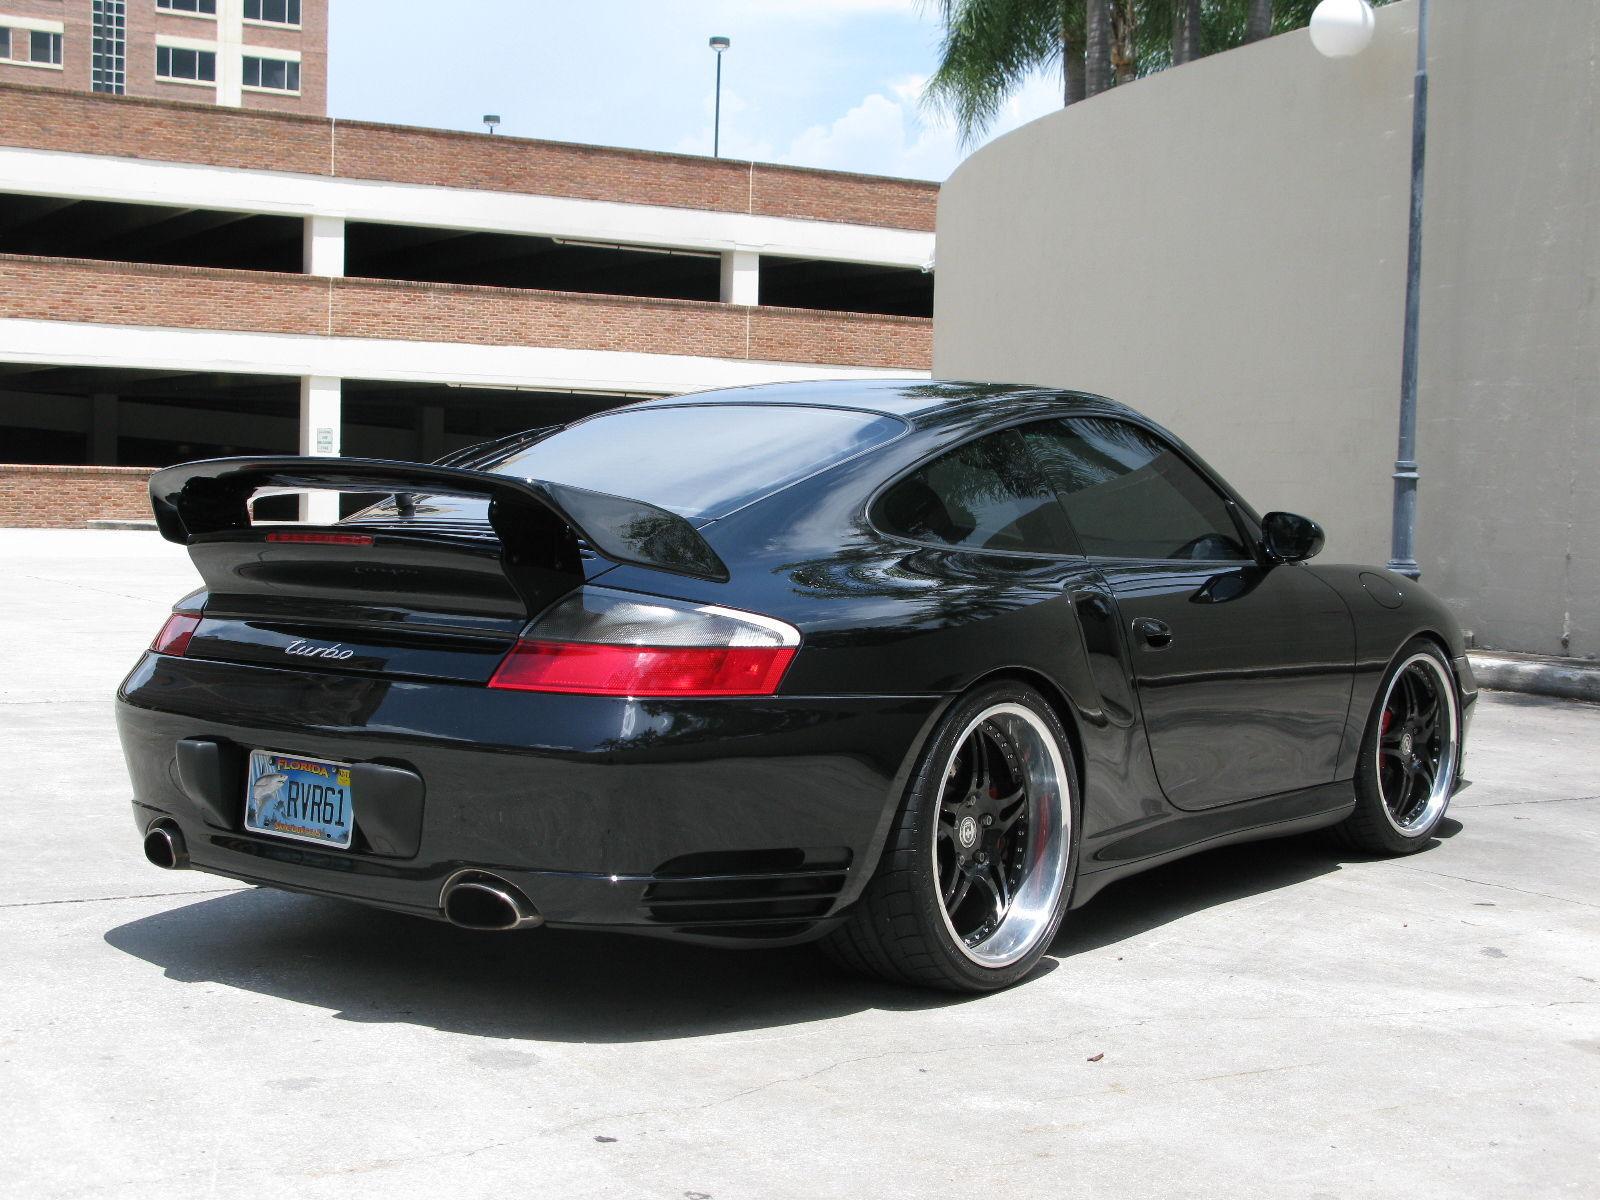 2001 Porsche 911 | 2001 Porsche 911 Turbo